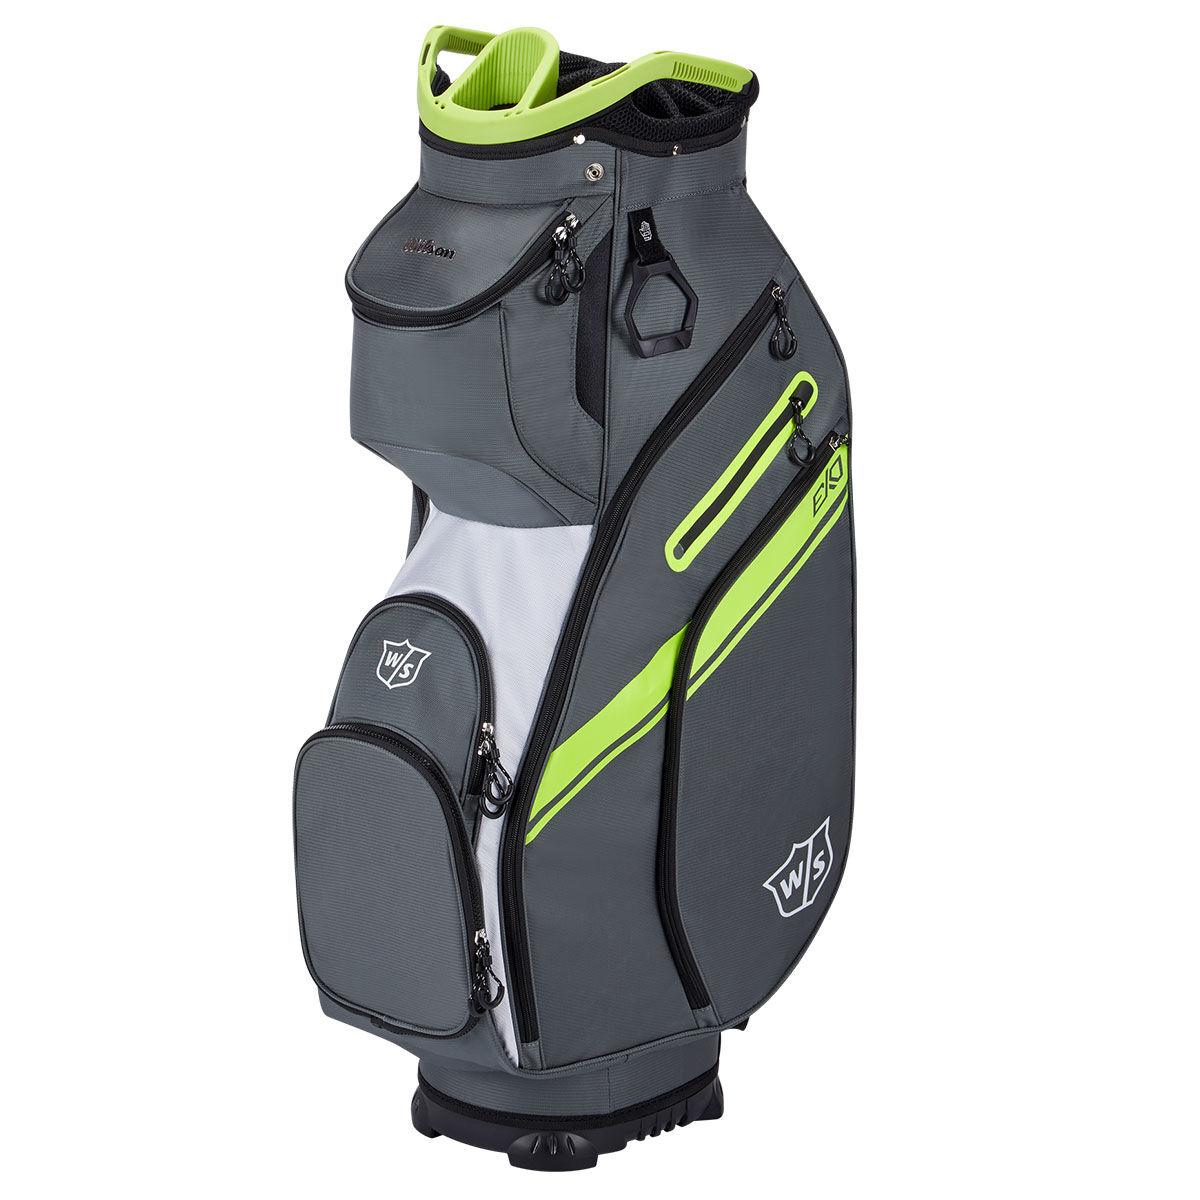 Wilson Staff EXO II Golf Cart Bag, Charcoal/white | American Golf